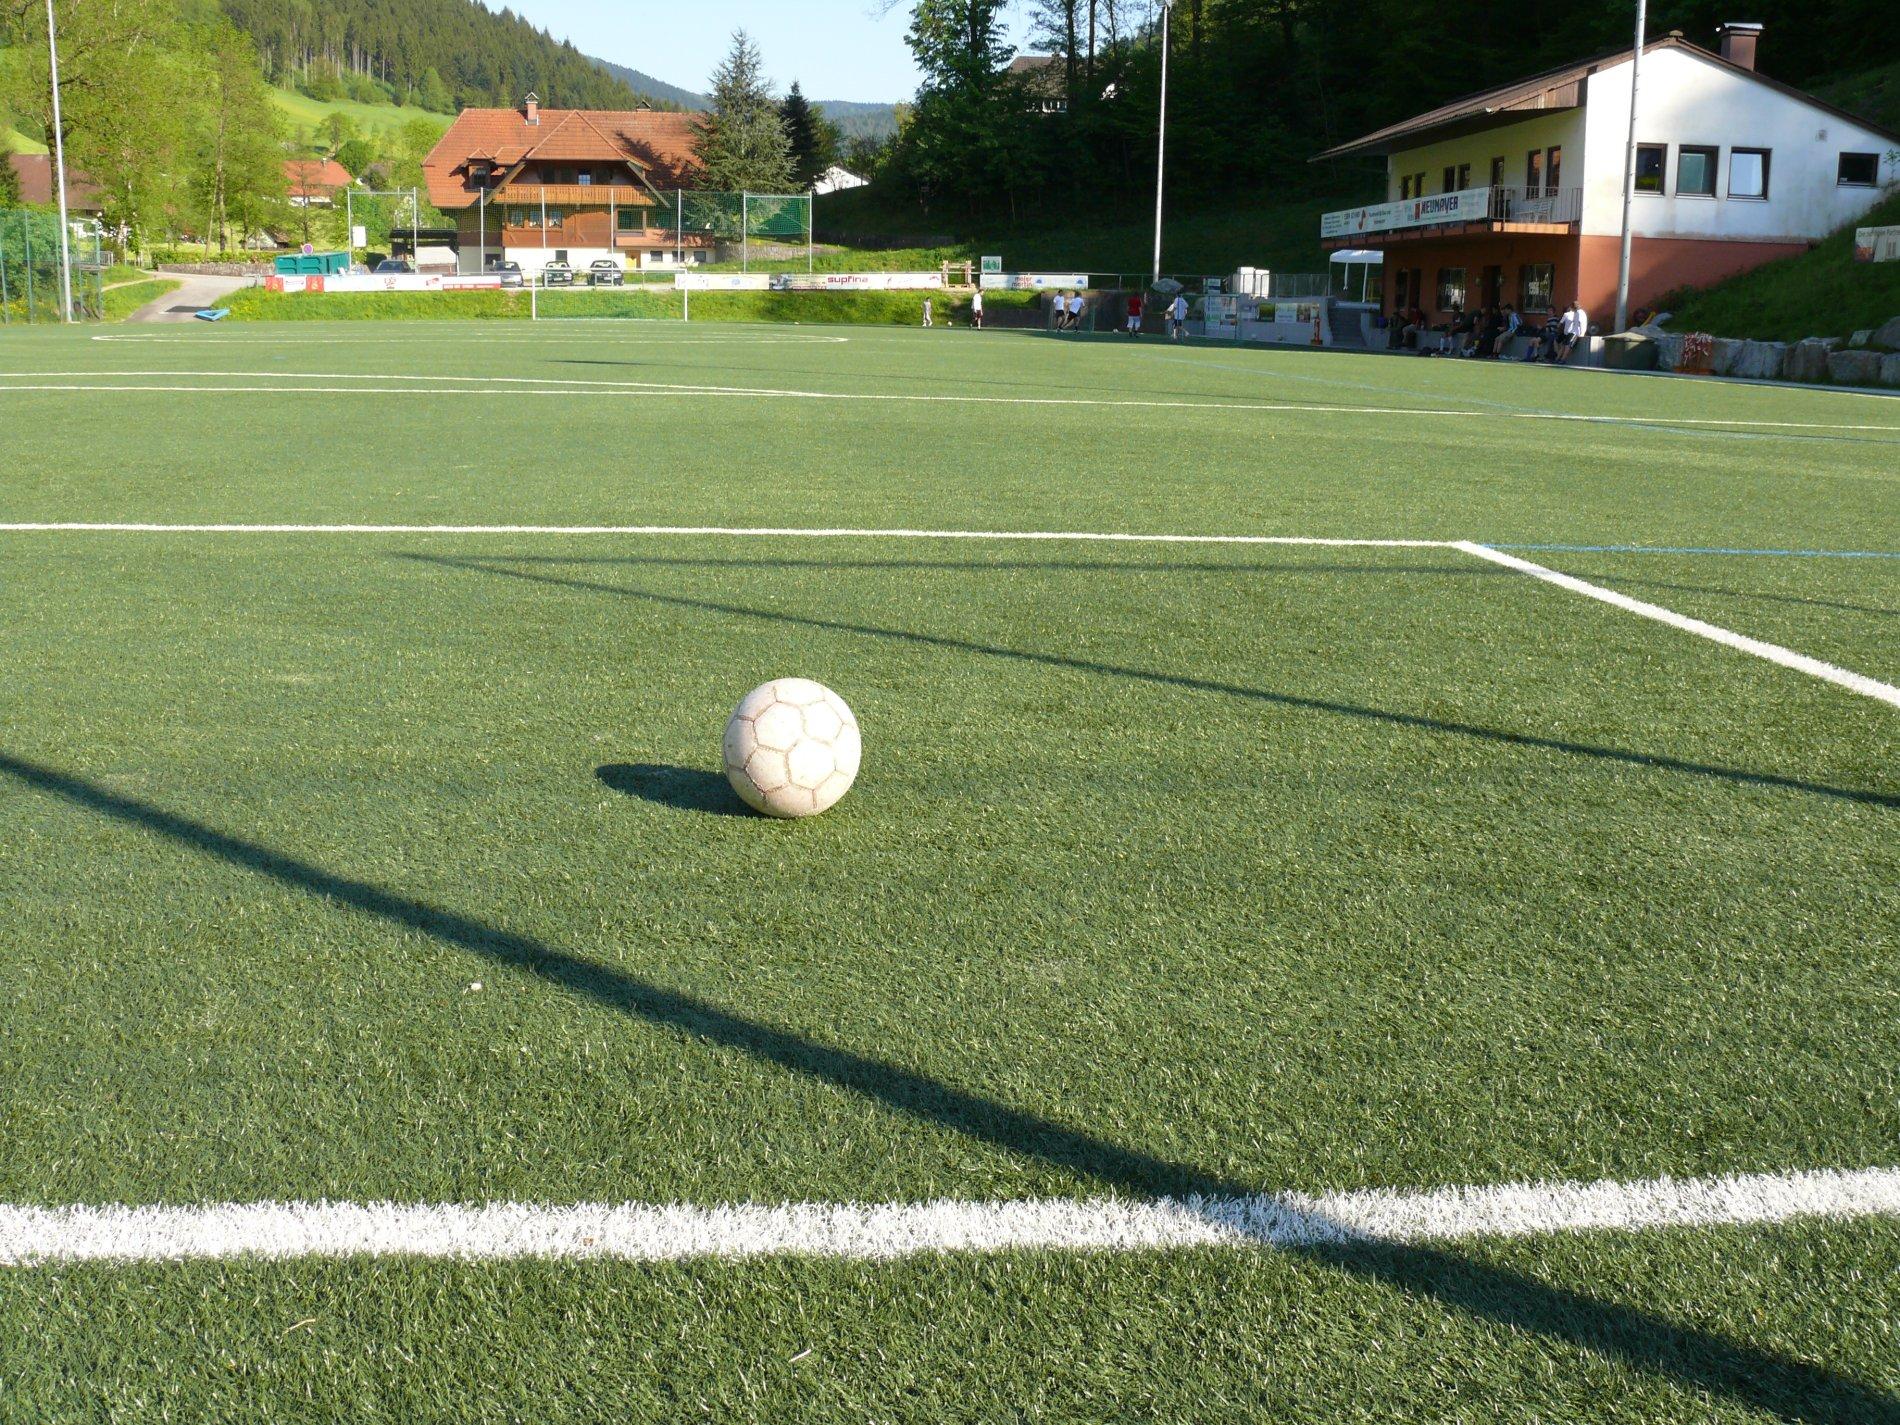 Sportplatz in Kirnbach